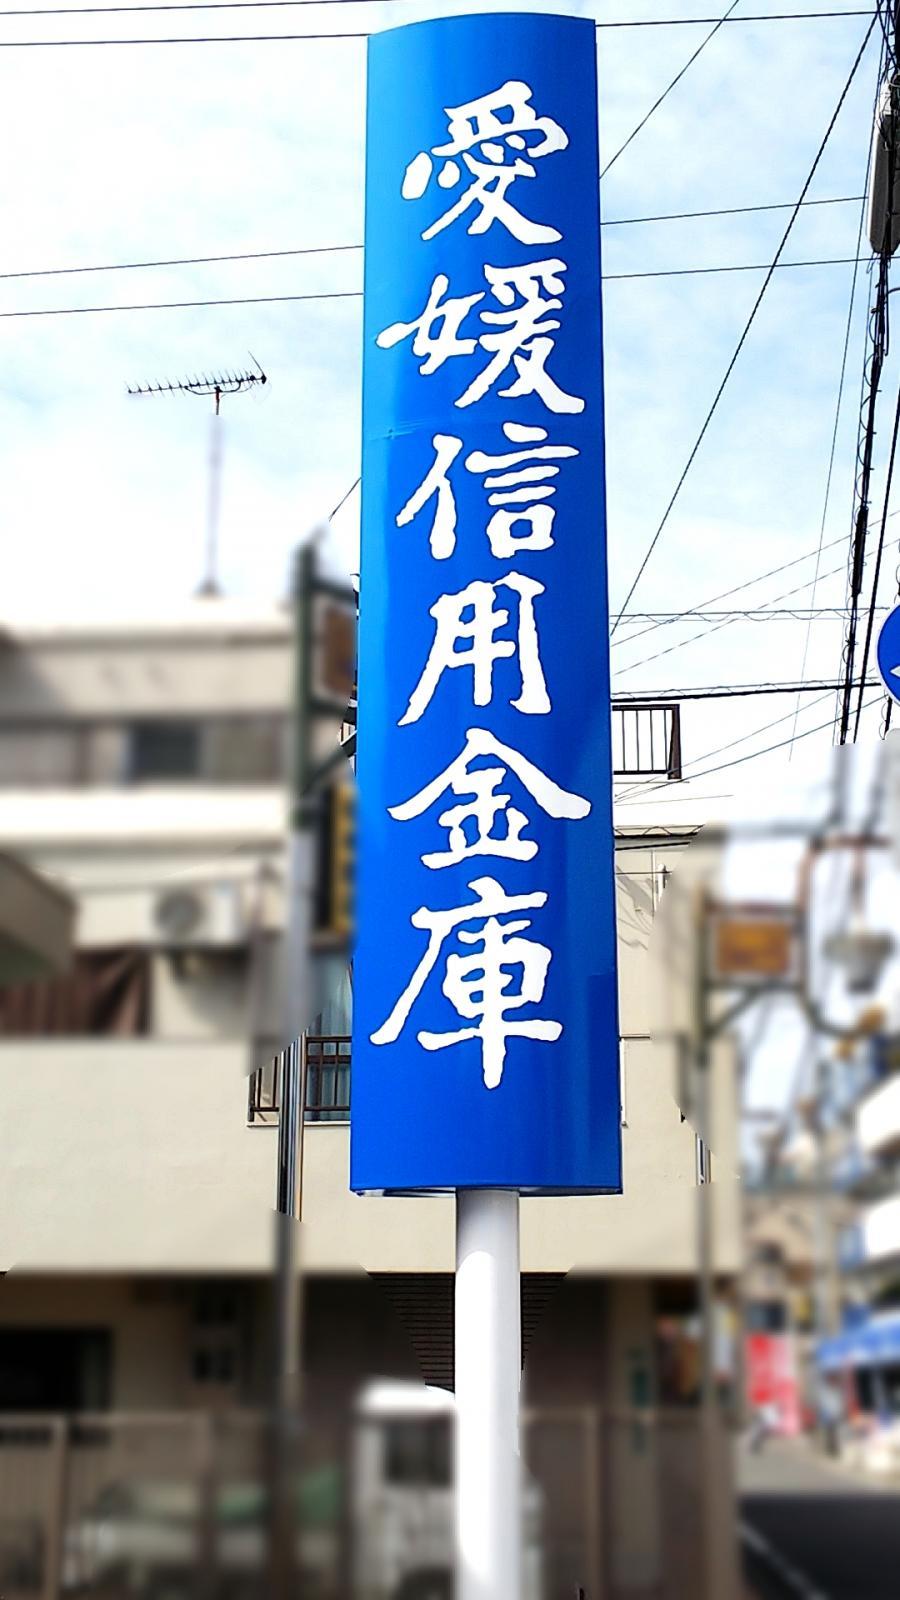 信用 金庫 愛媛 2020年2月21日号 愛媛信用金庫(2月1日付)